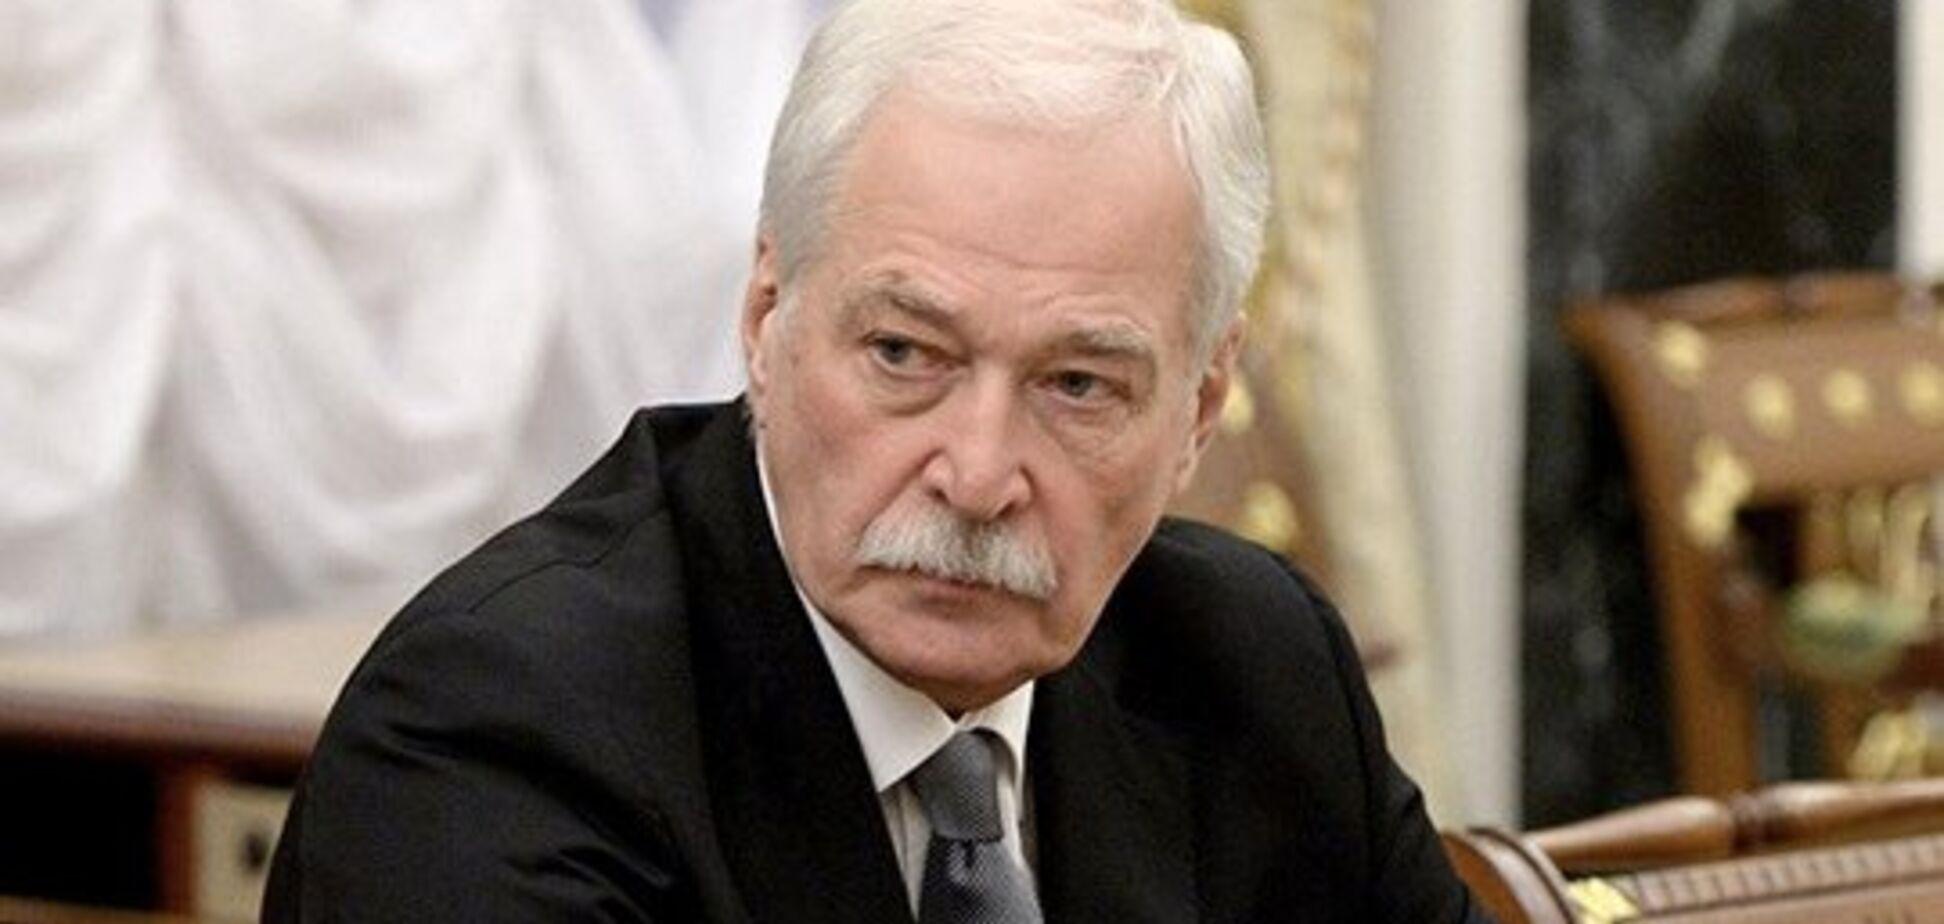 Формула Штайнмайера: Россия разразилась обвинениями в адрес Украины